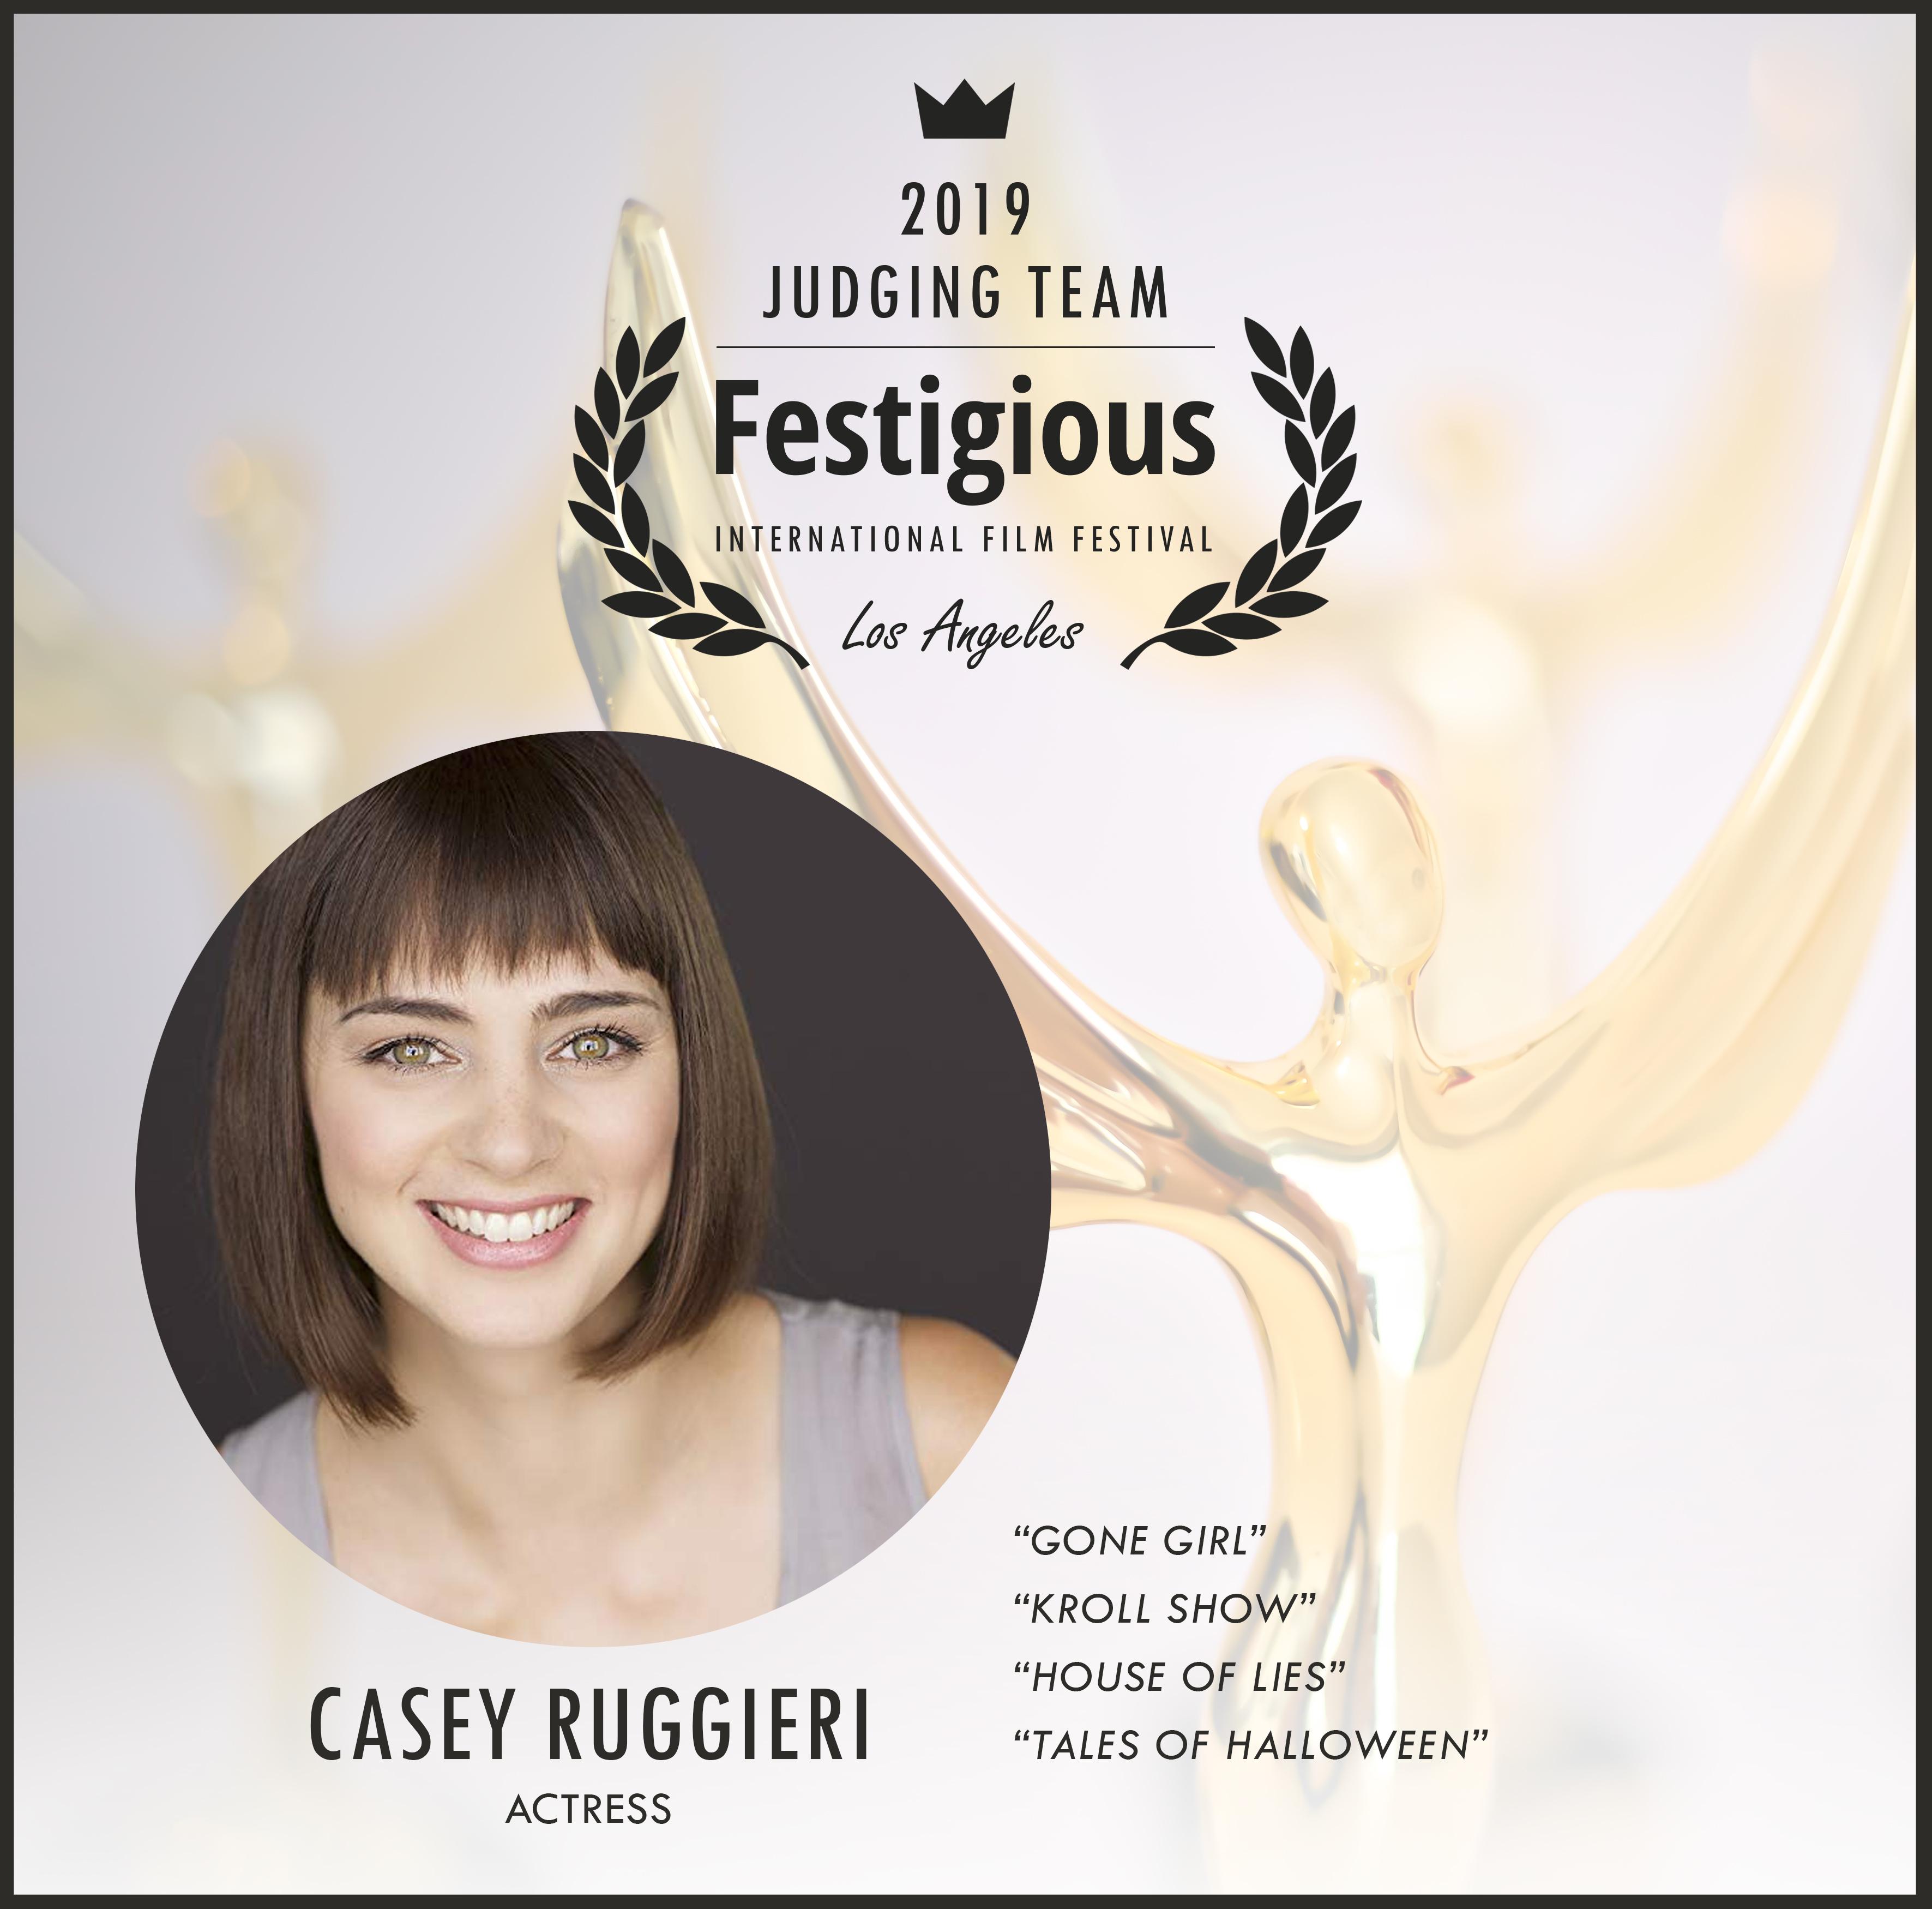 Casey Ruggieri Festigious